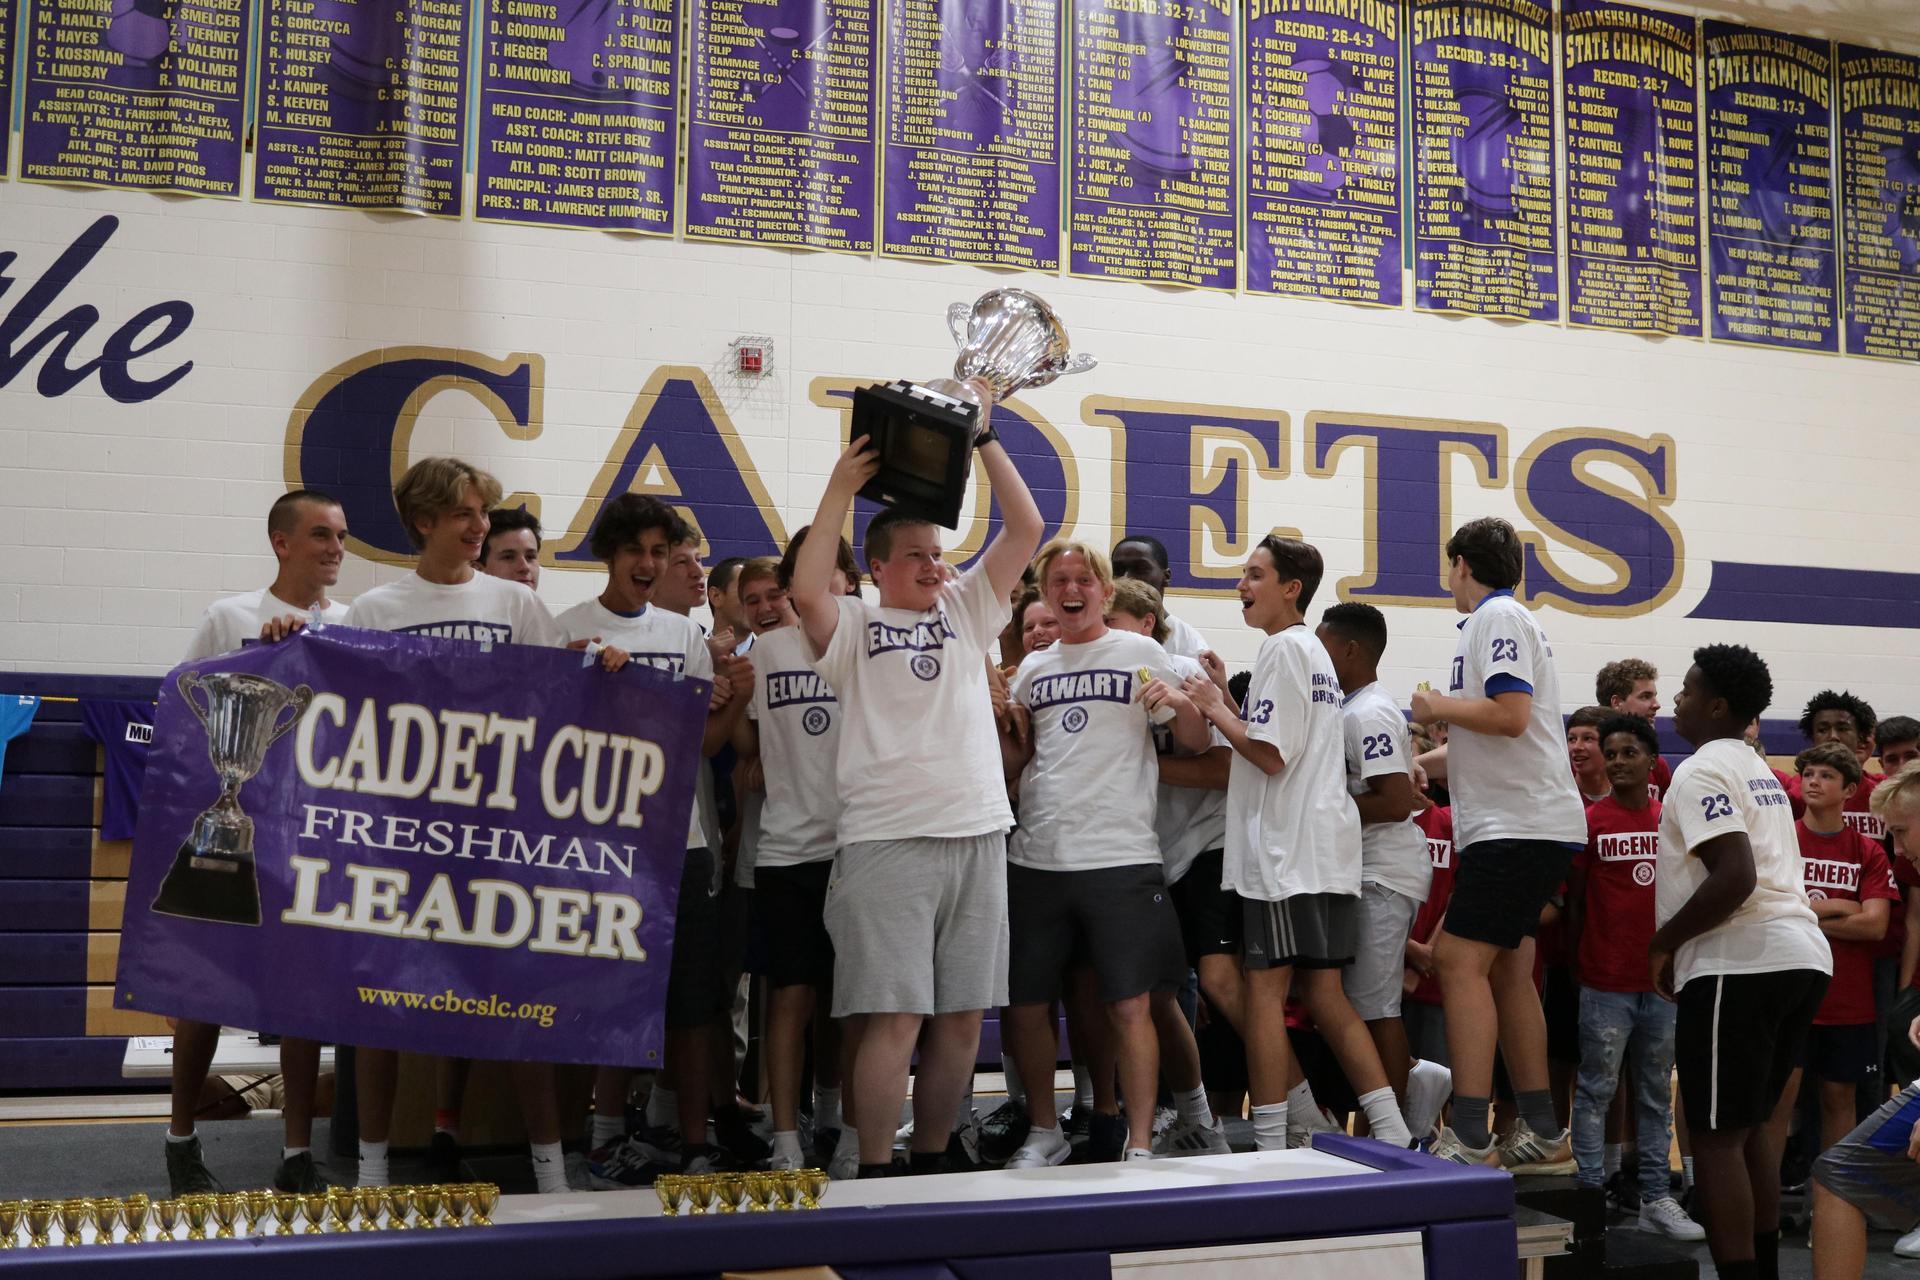 Elwart celebrates winning trophy